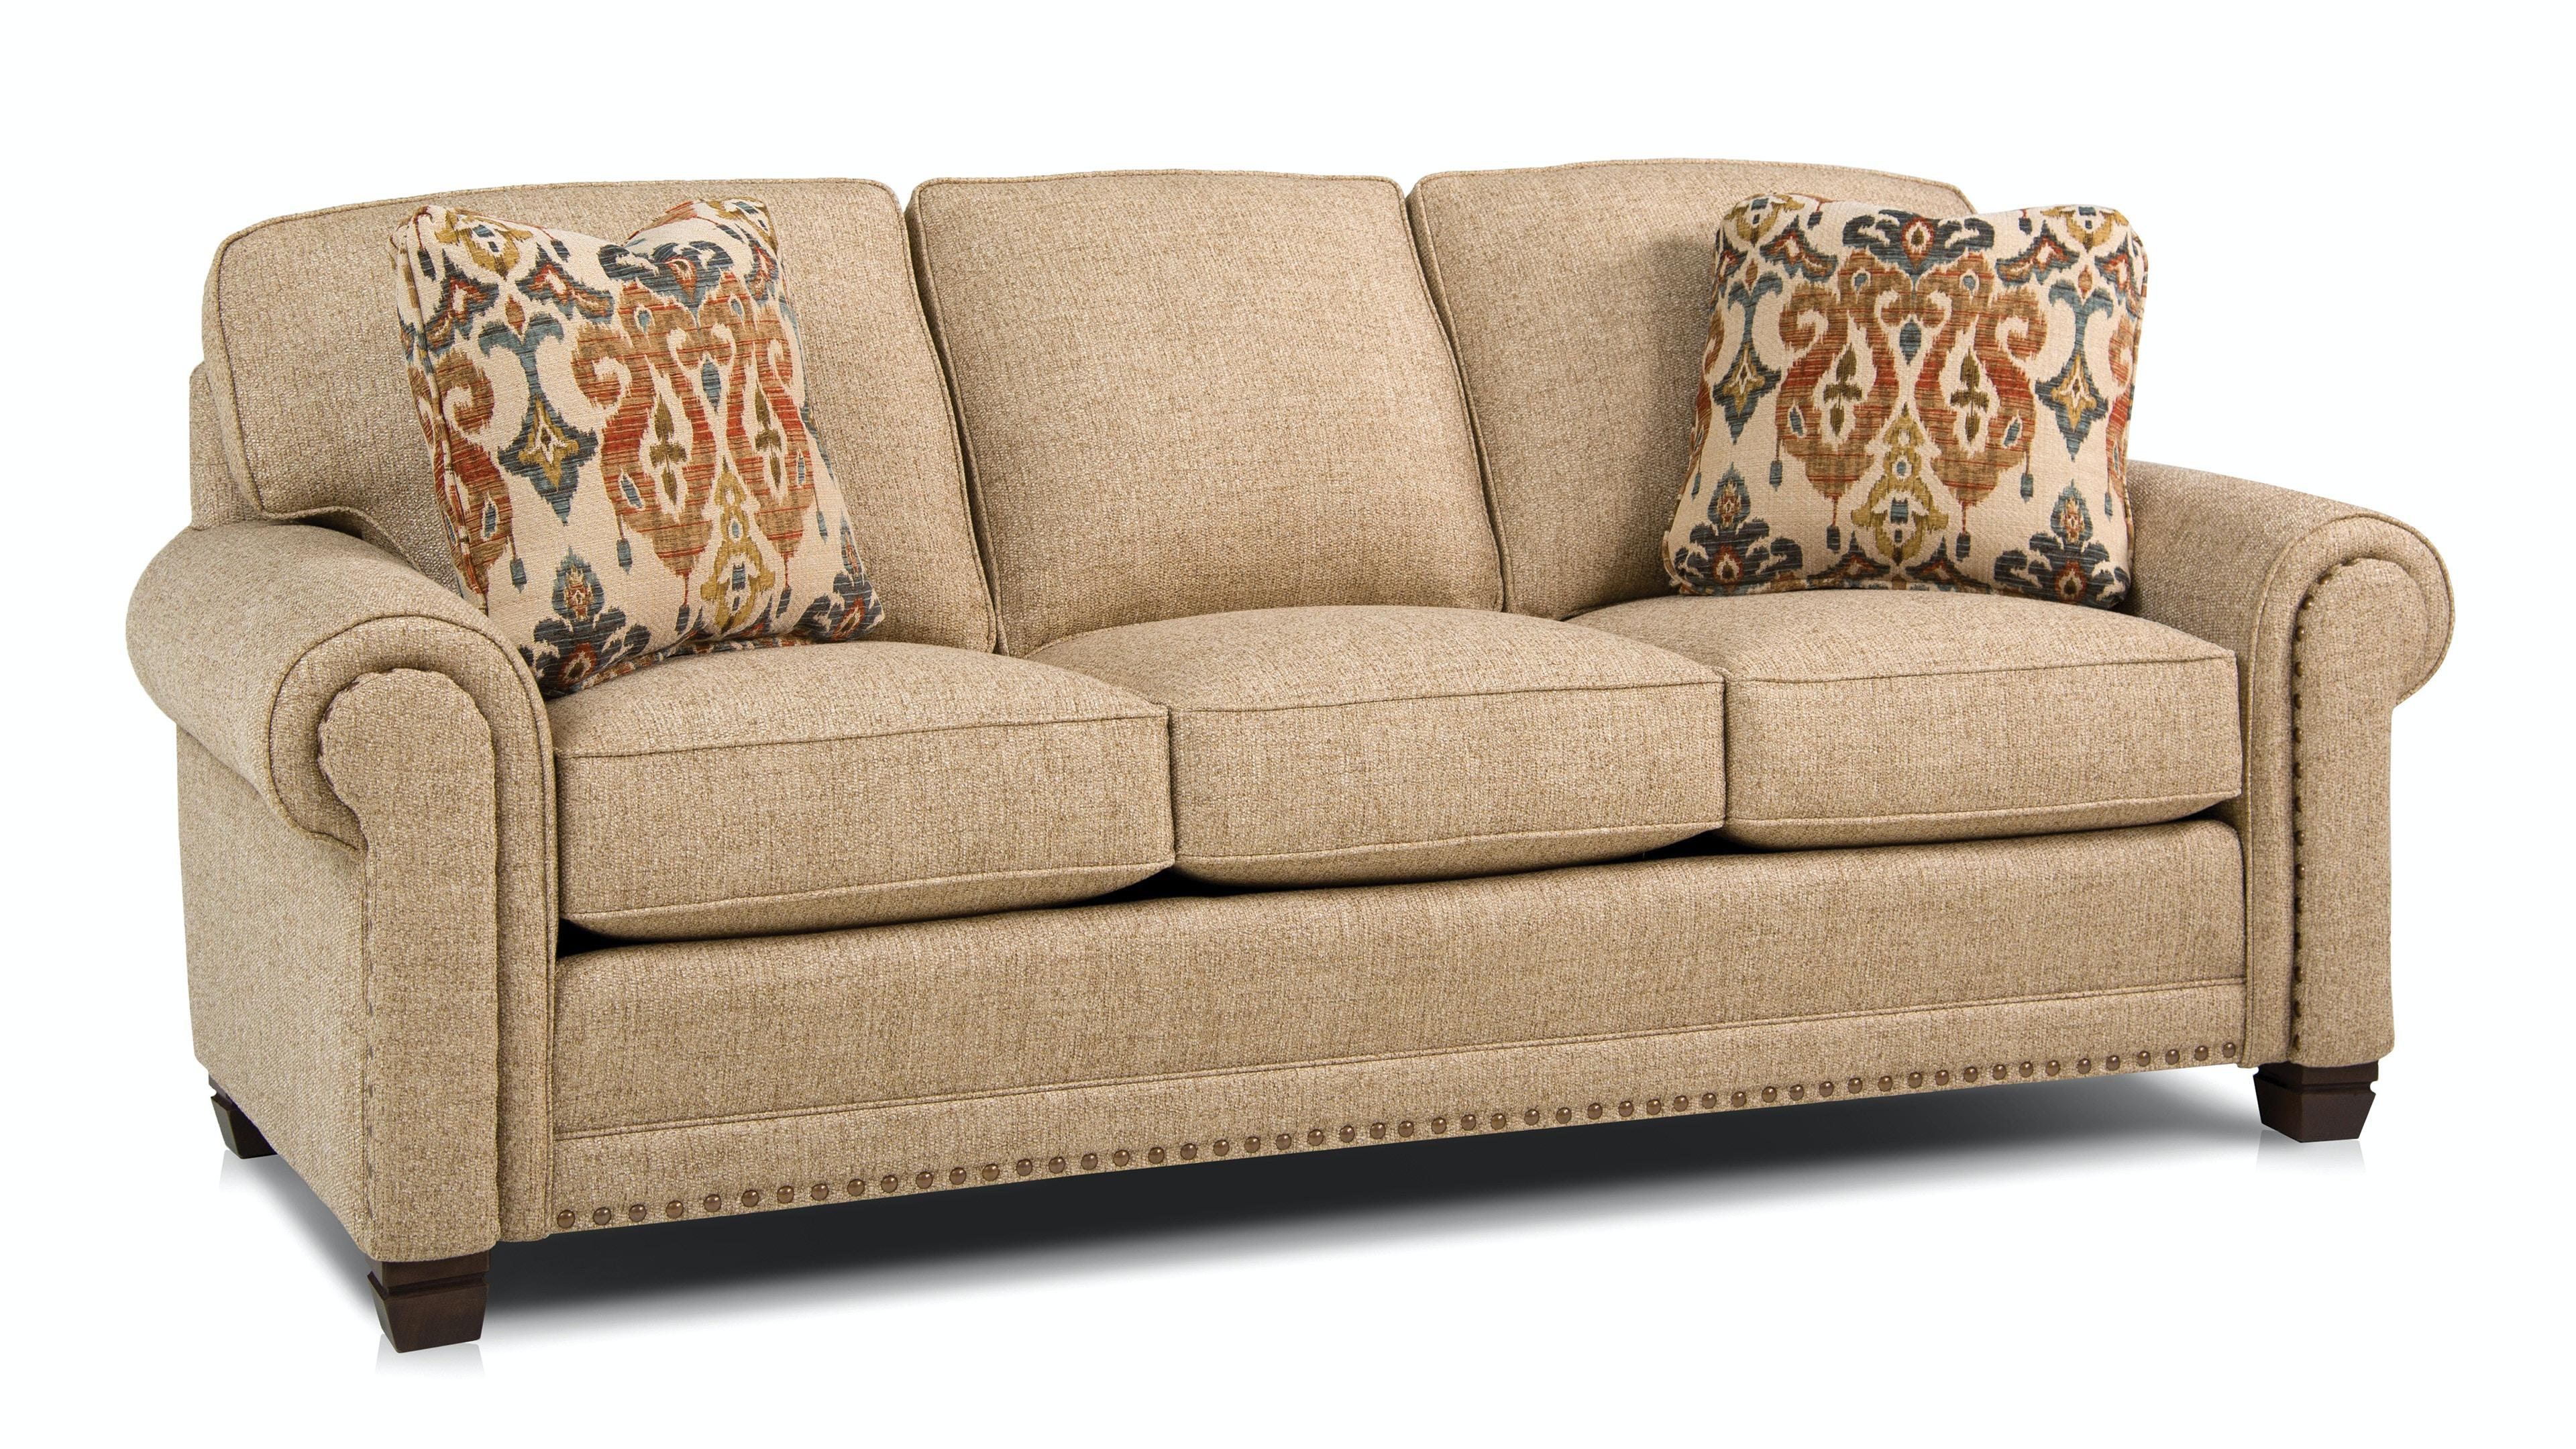 Smith Brothers Three Cushion Sofa 393 10